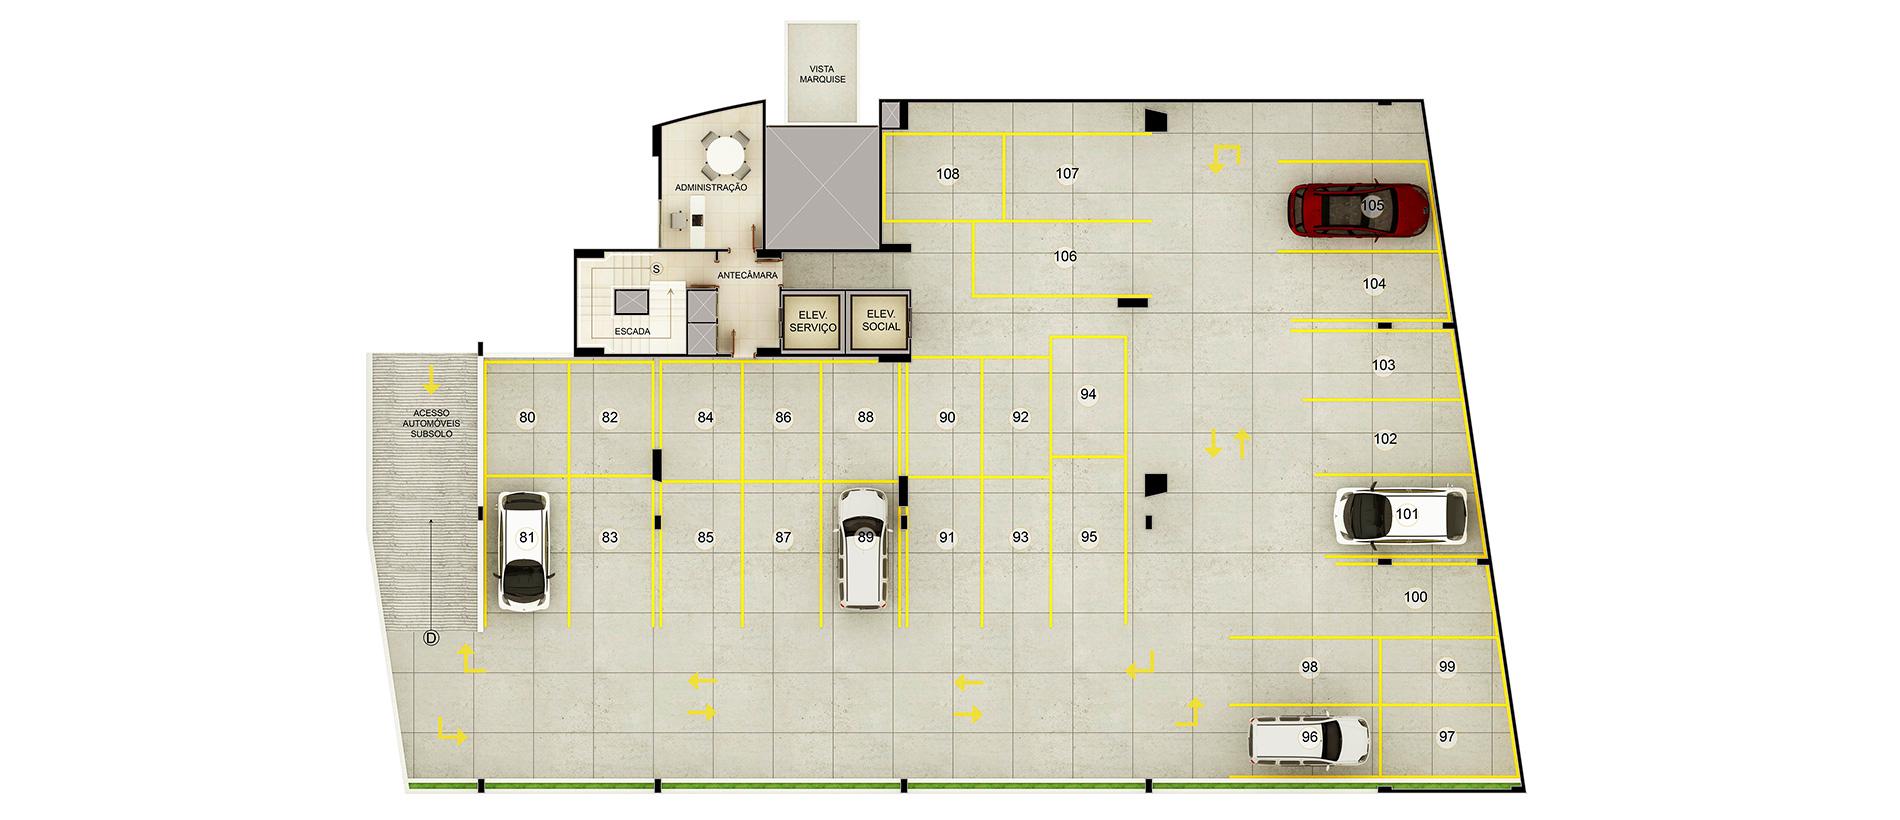 3- Planta Baixa Pavimento Garagem G1